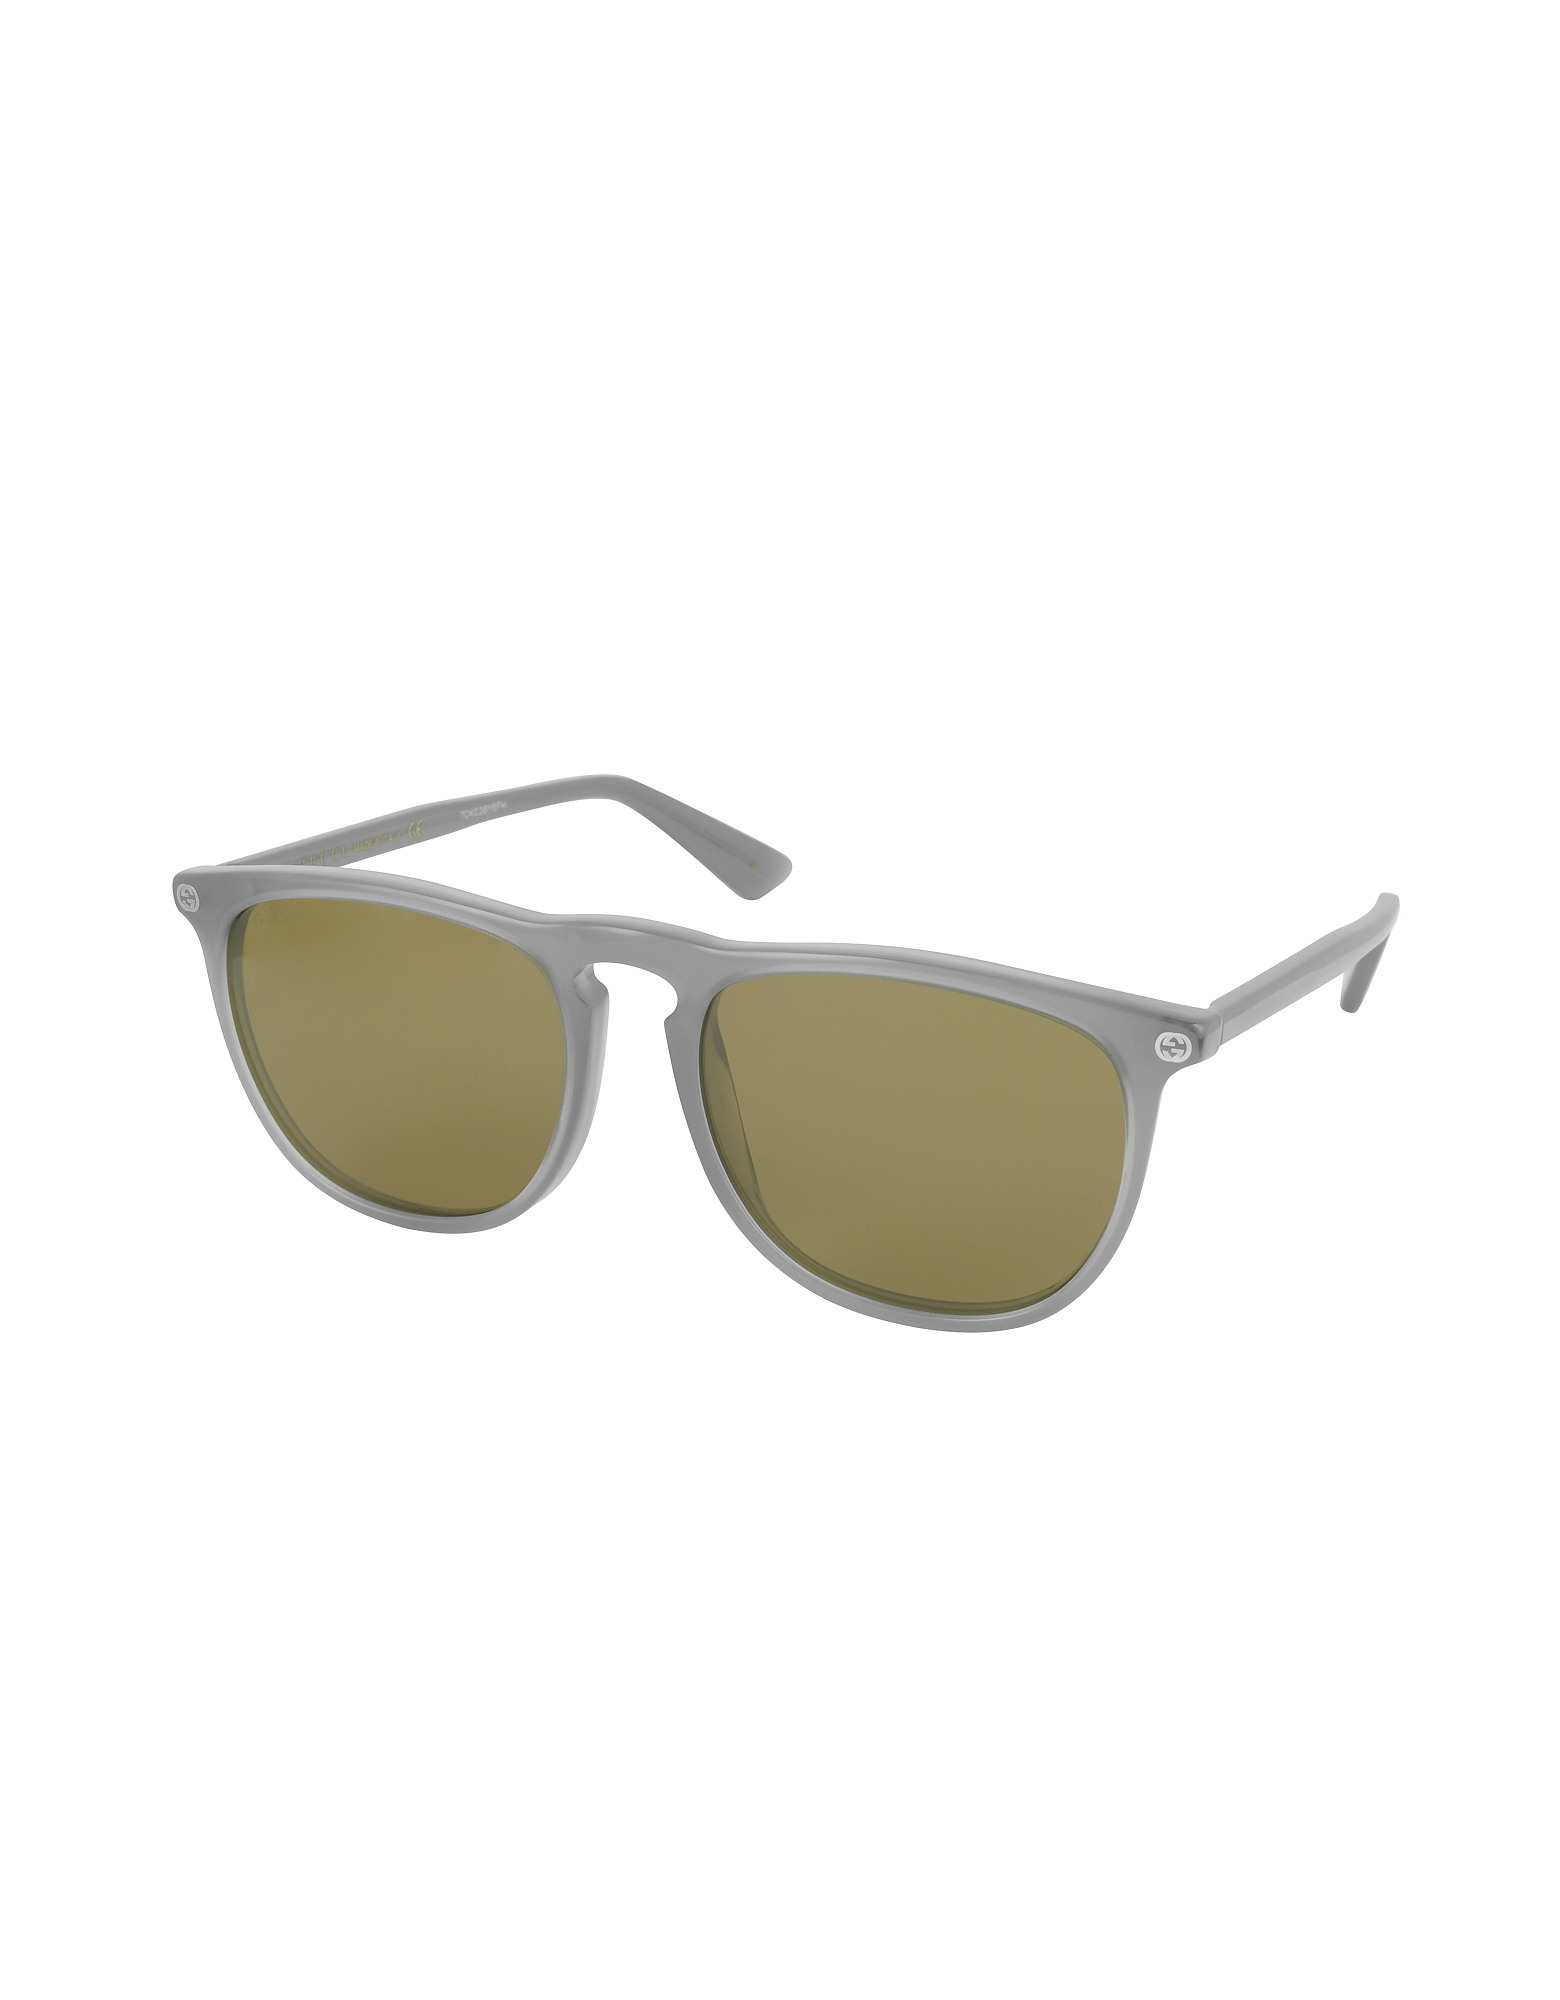 Фото GG0120S 005 - Серые Мужские Солнечные Очки Авиаторы из Ацетата. Купить с доставкой